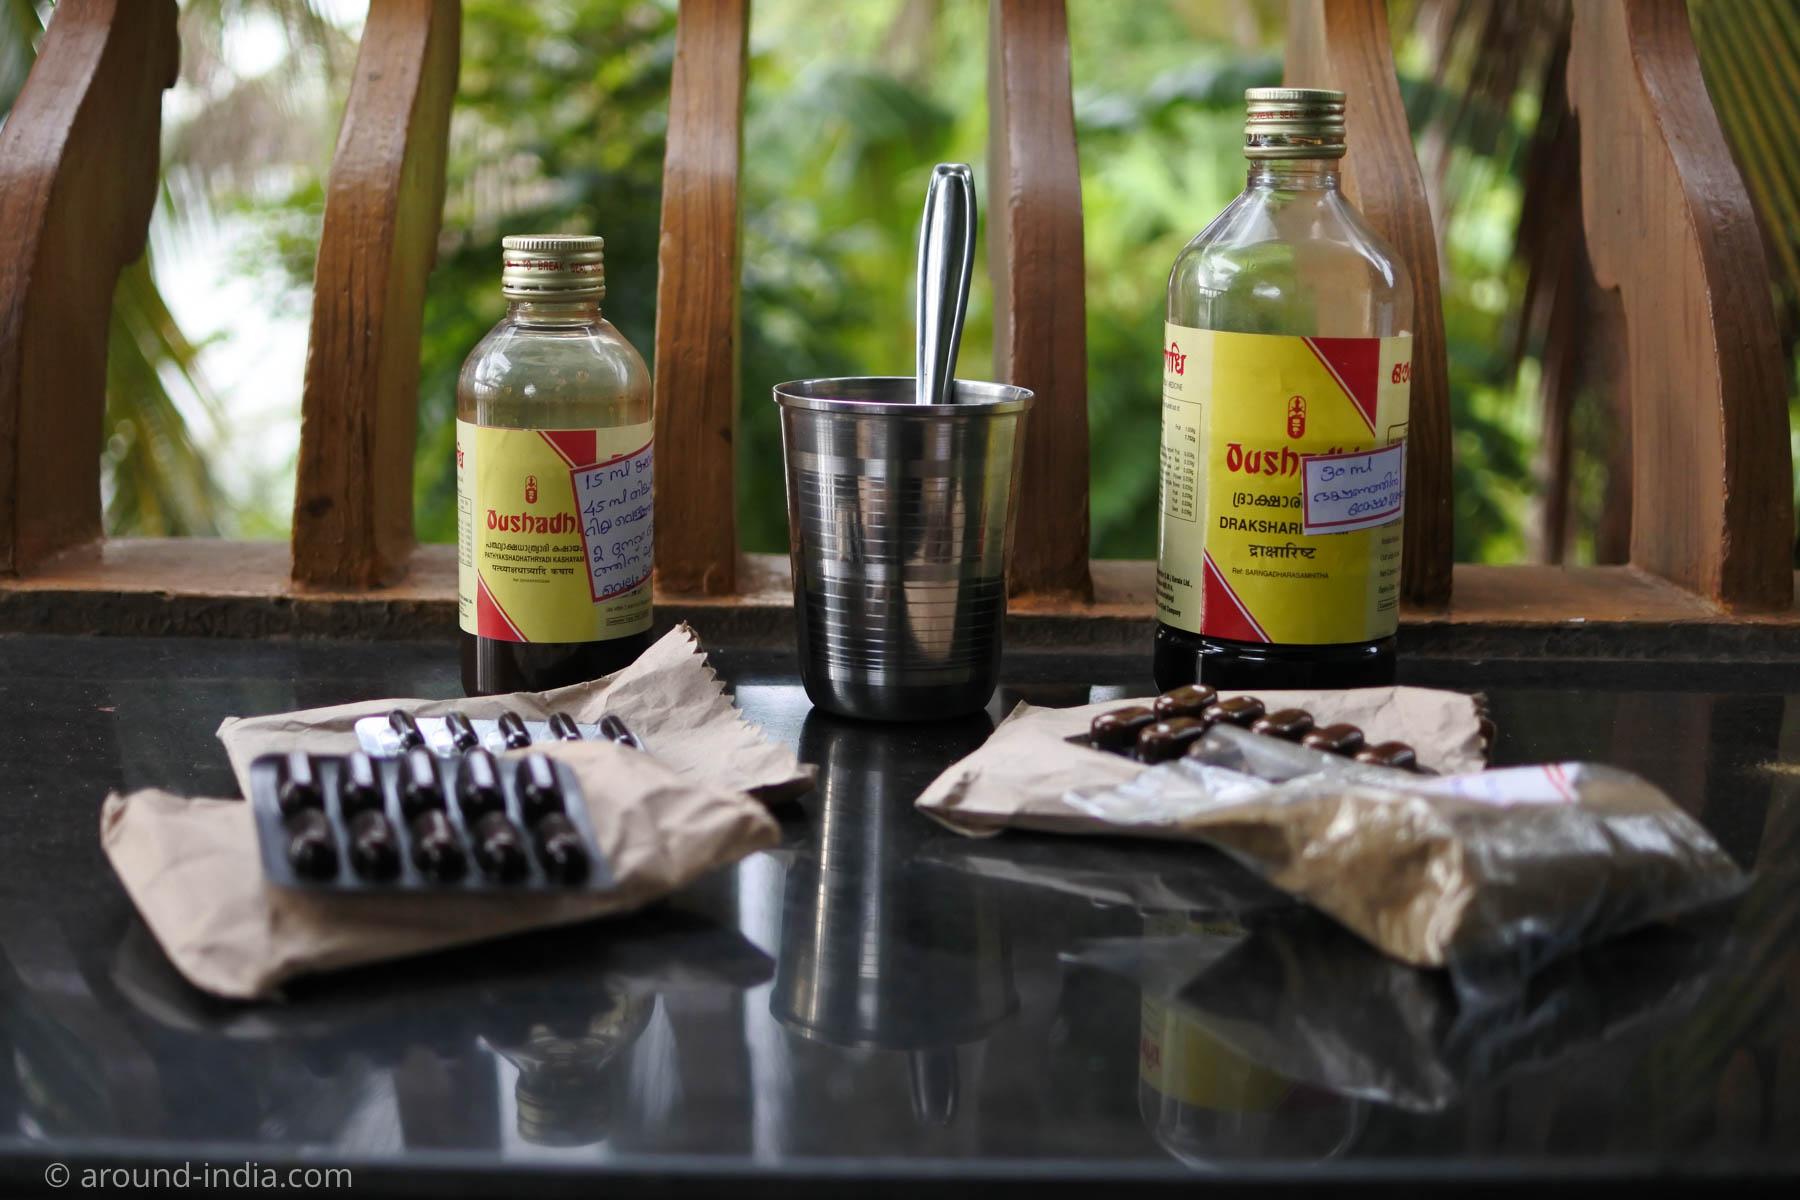 AROUND INDIA田村ゆみが処方されたお薬。煎じ薬カシャヤとタブレット二種